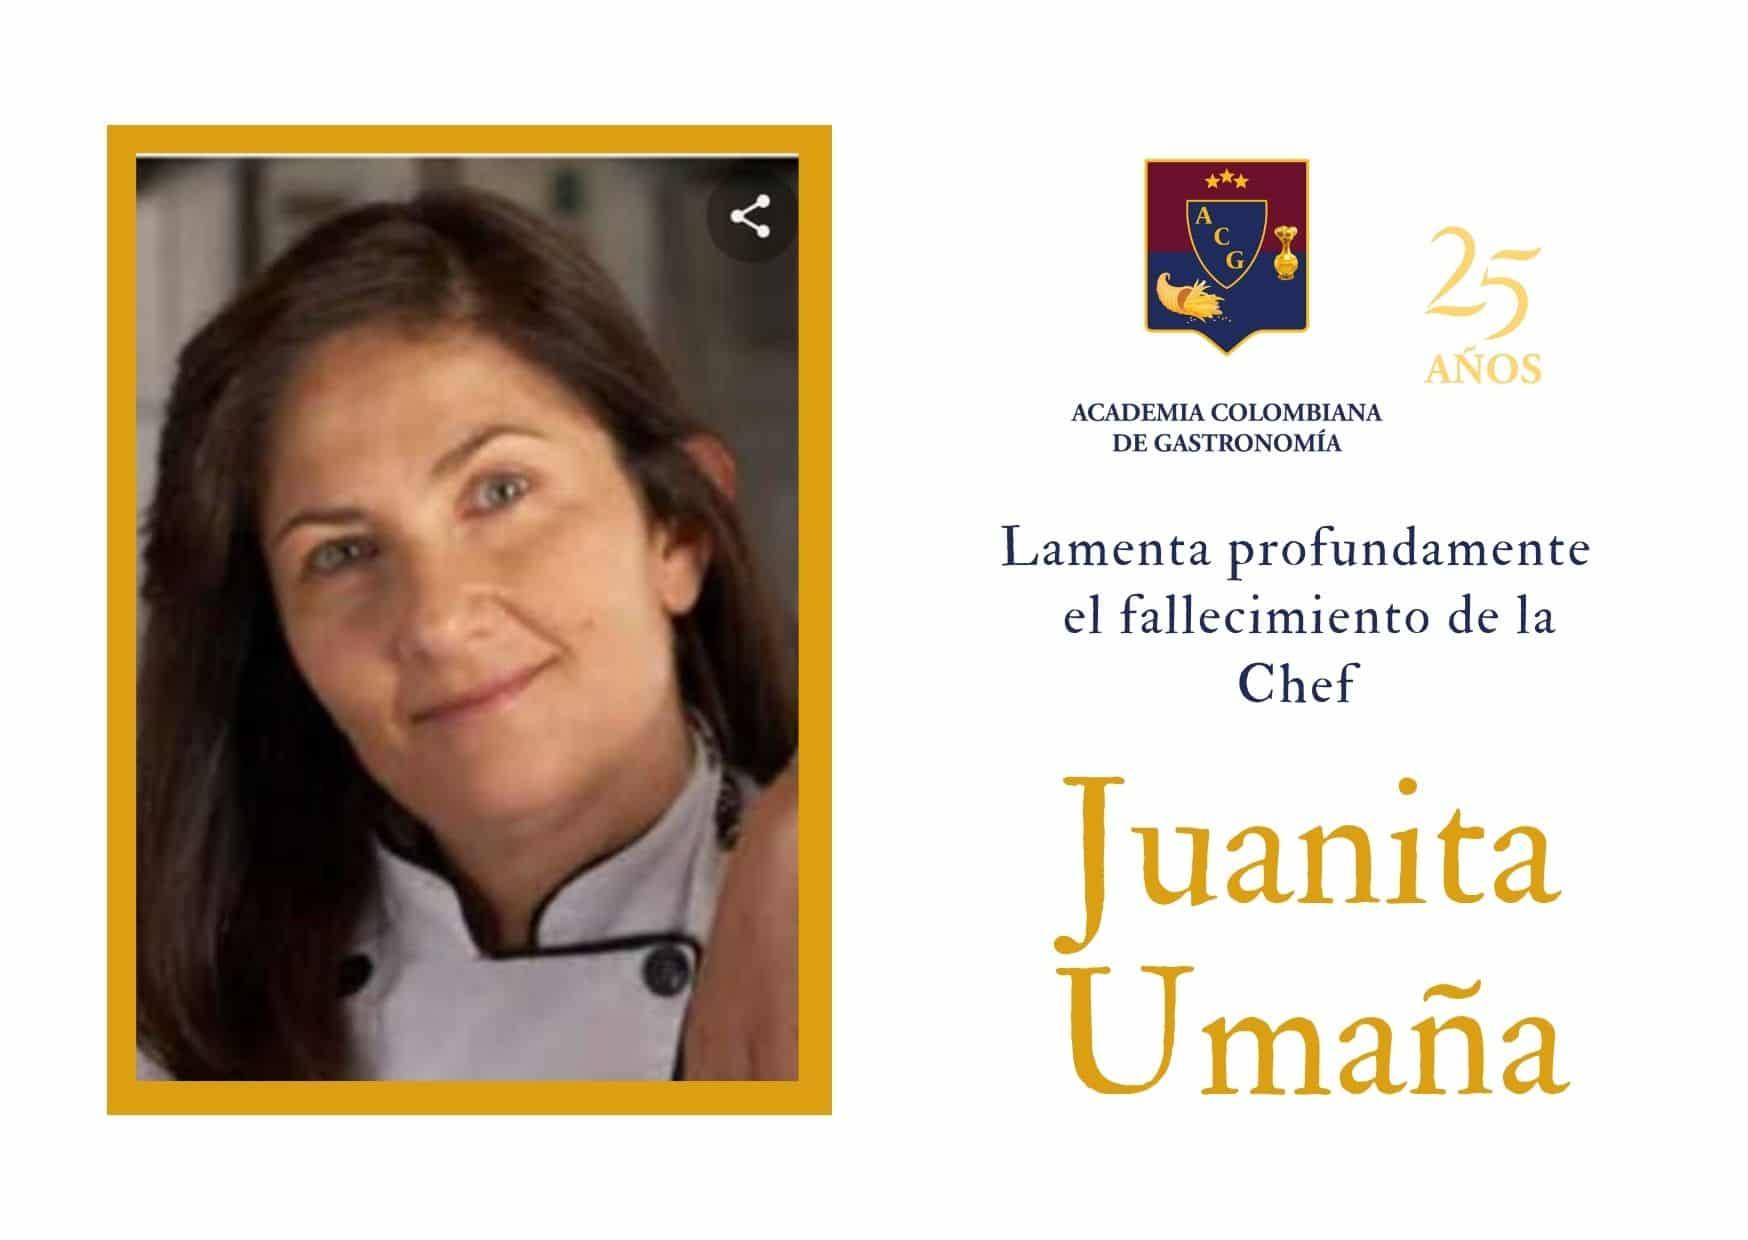 Juanita Umaña